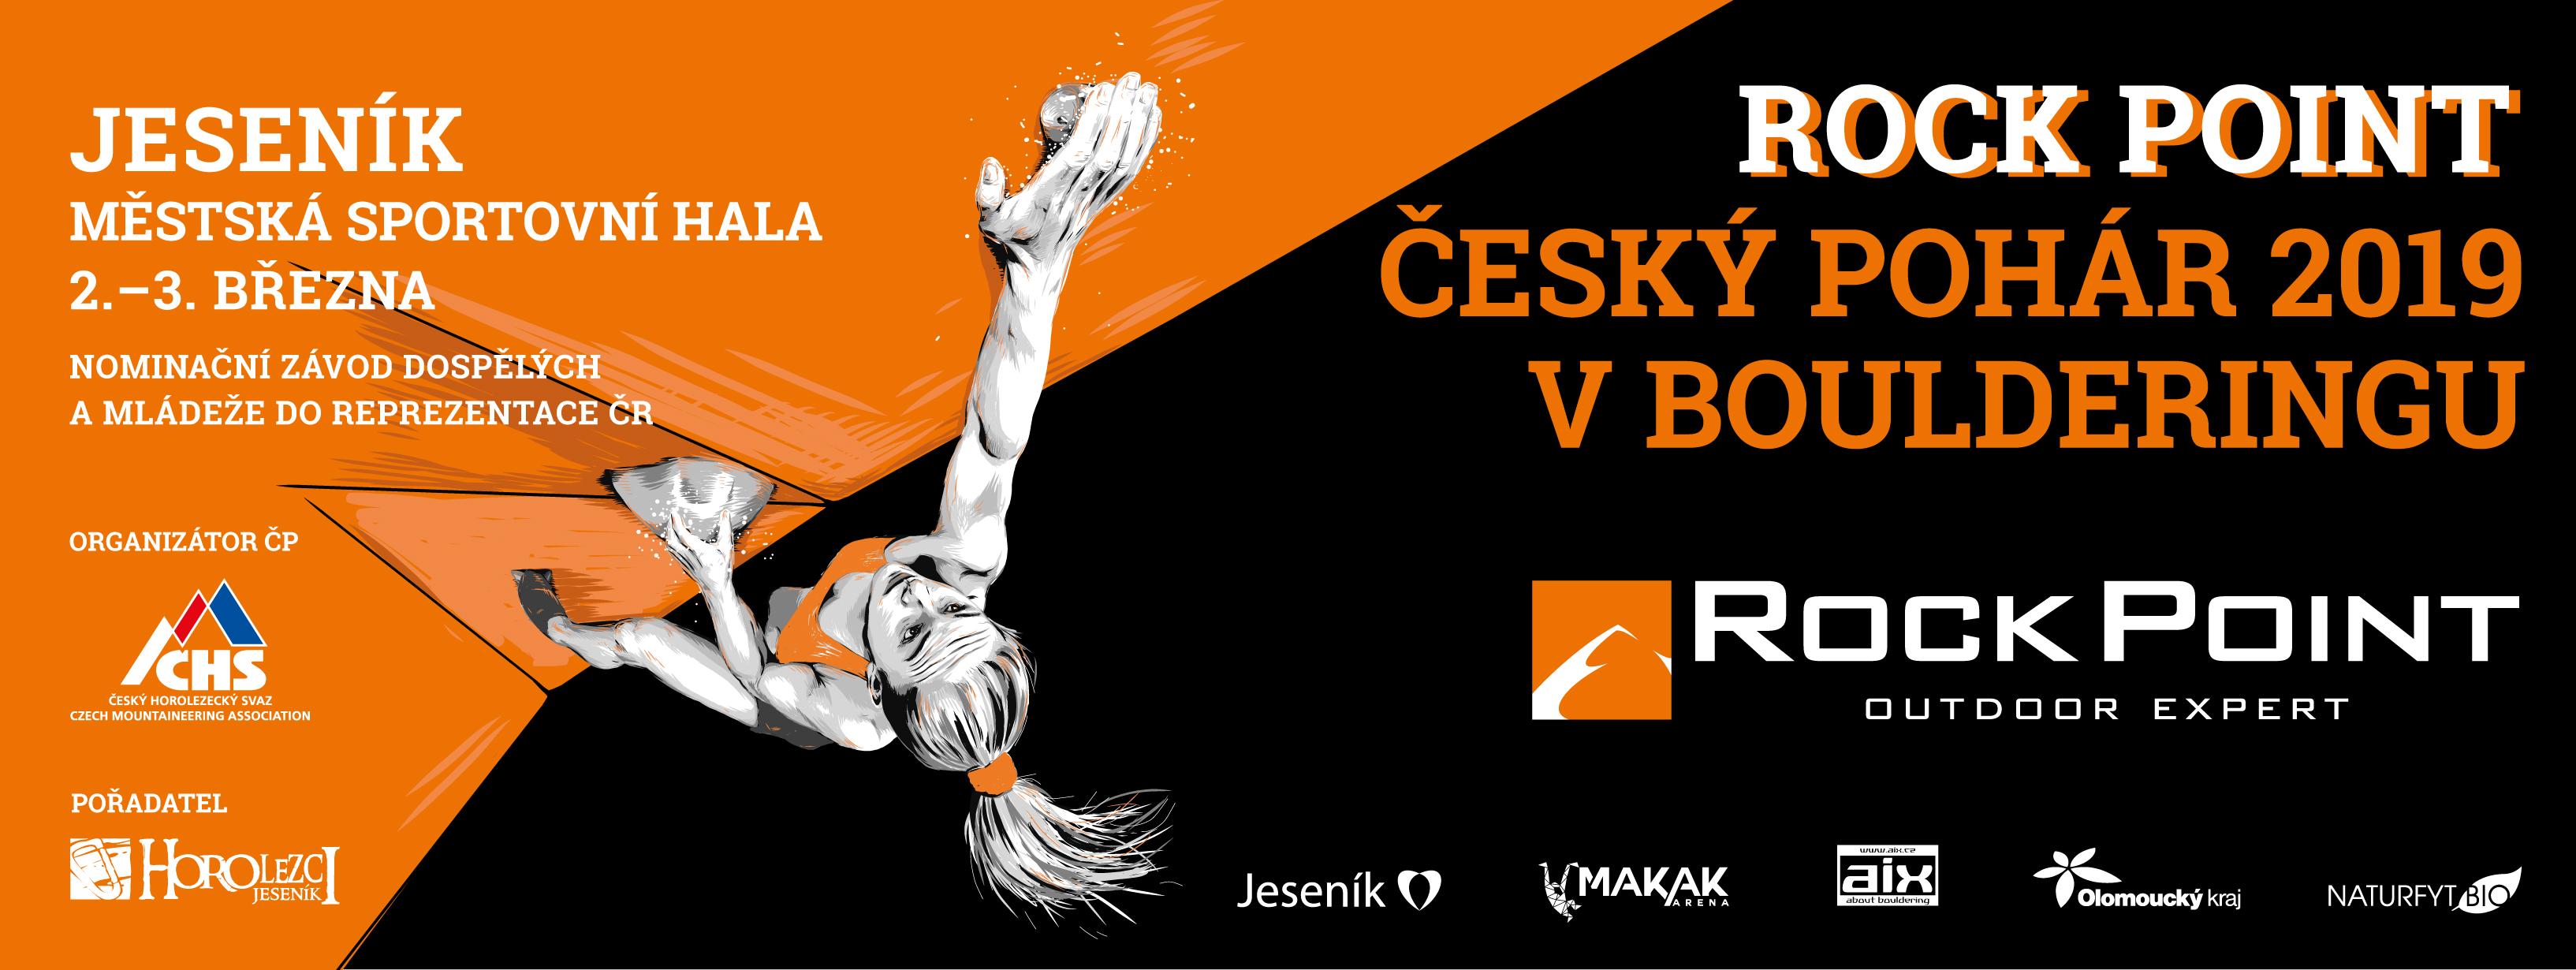 Rock Point český pohár v boulderingu 2019 Jeseník